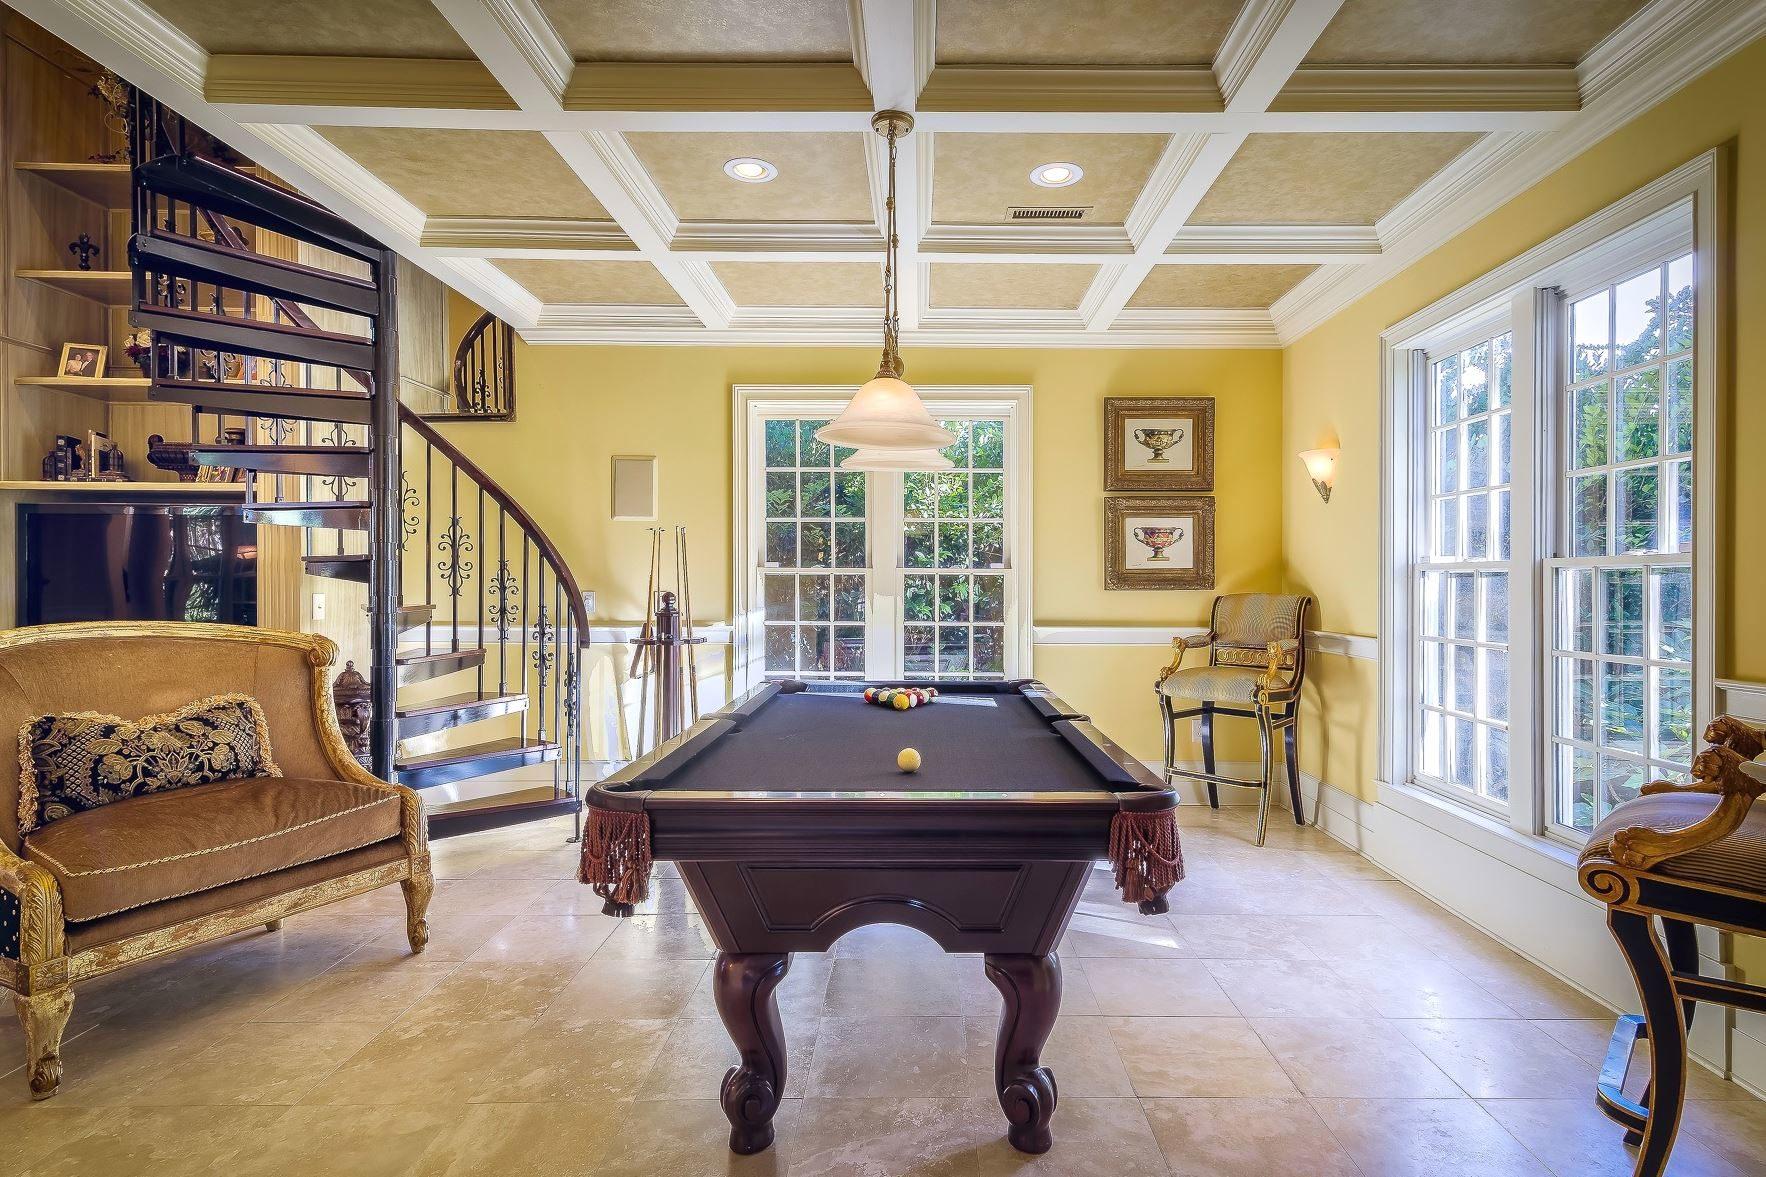 Kostenlose Bild: Interieur, Möbel, Tisch, Billardtisch, Stuhl, Luxus ...